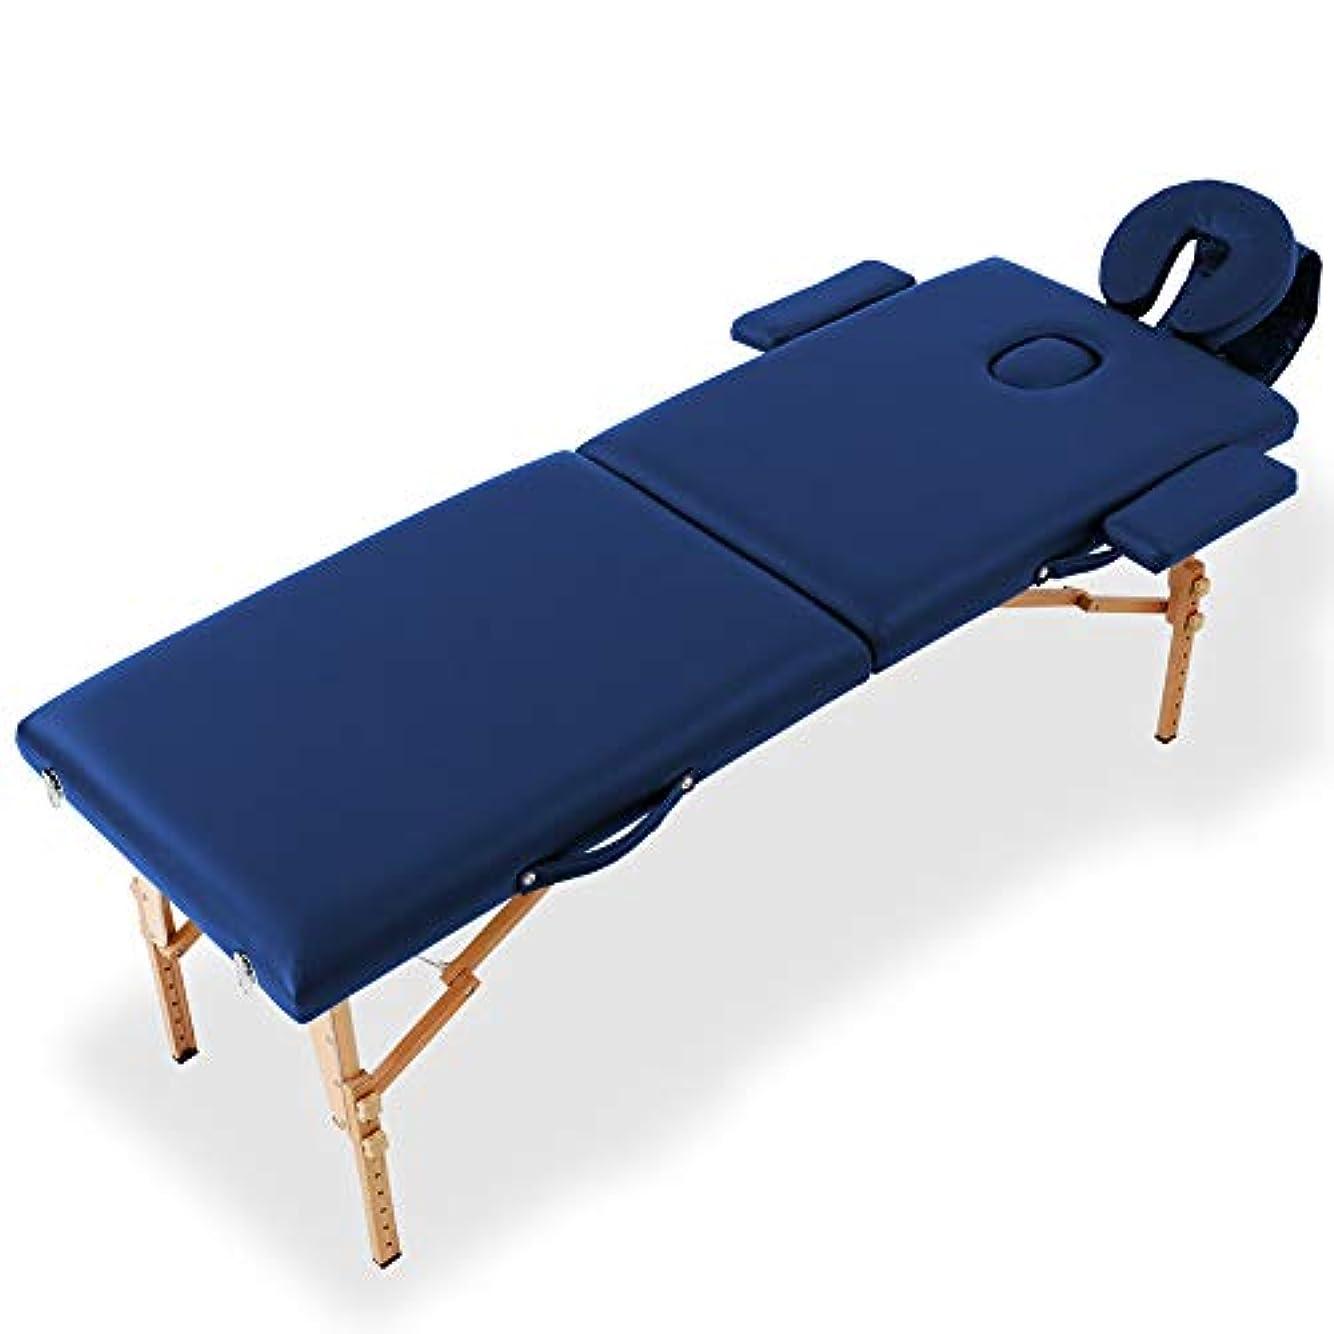 茎実験的長さLOWYA マッサージベッド マッサージ台 軽量 折りたたみ コンパクト キャリーバック ブルー